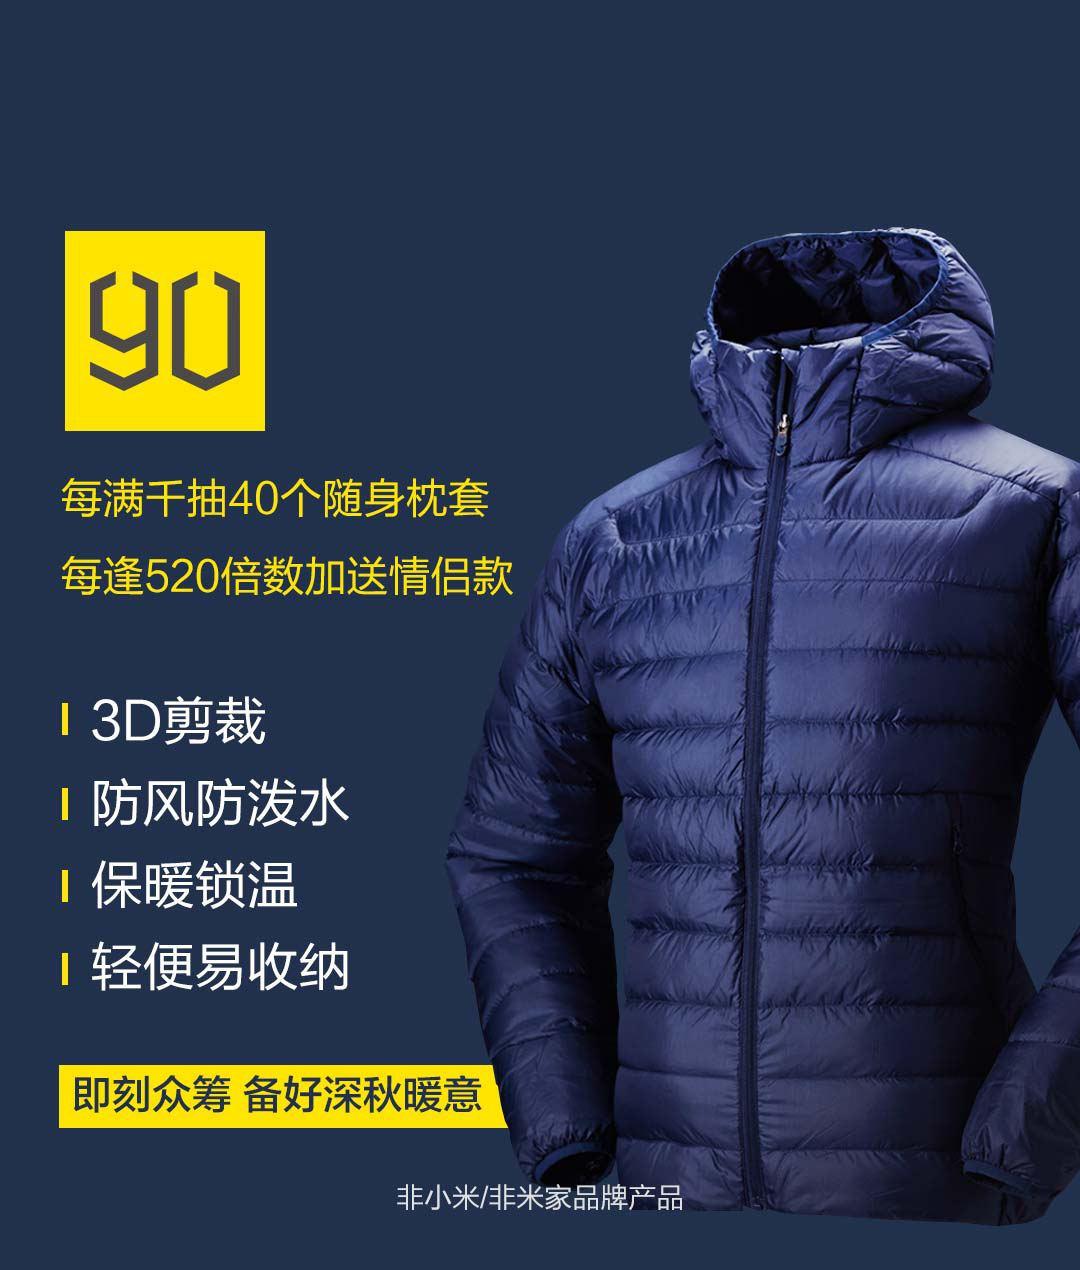 90-jacket